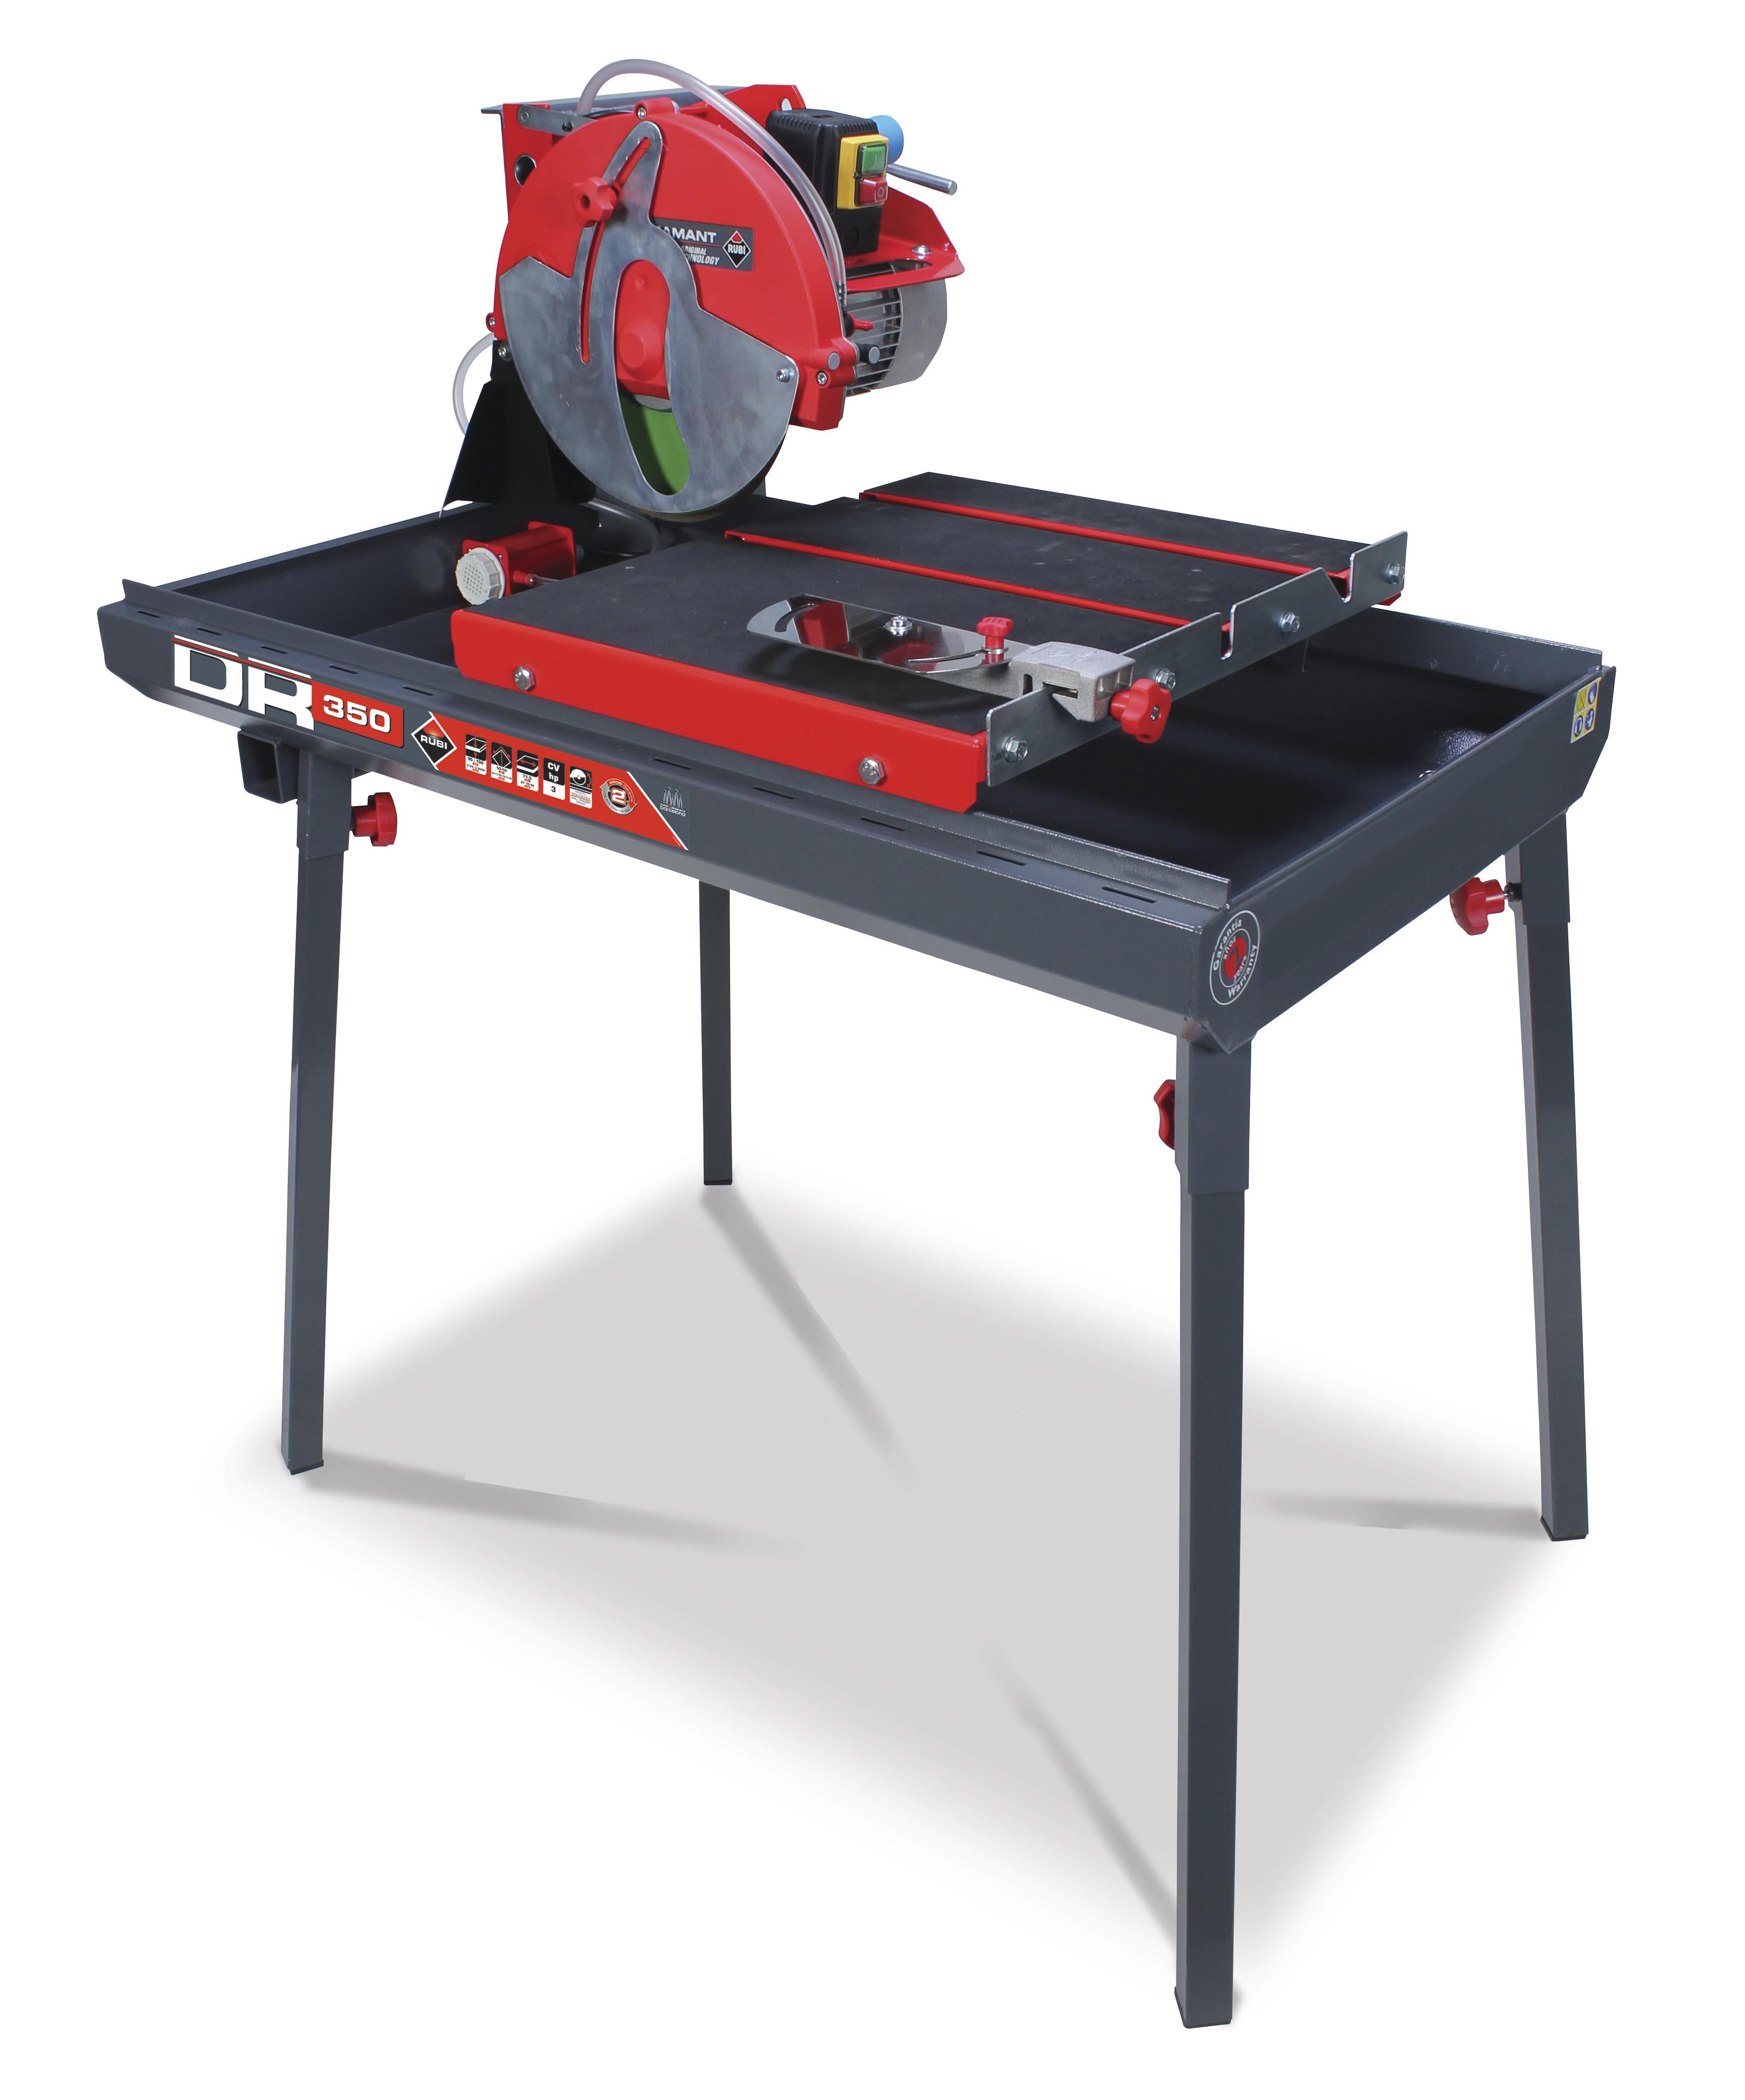 cortadora-de-ceramica-electrica-rubi-dr-350